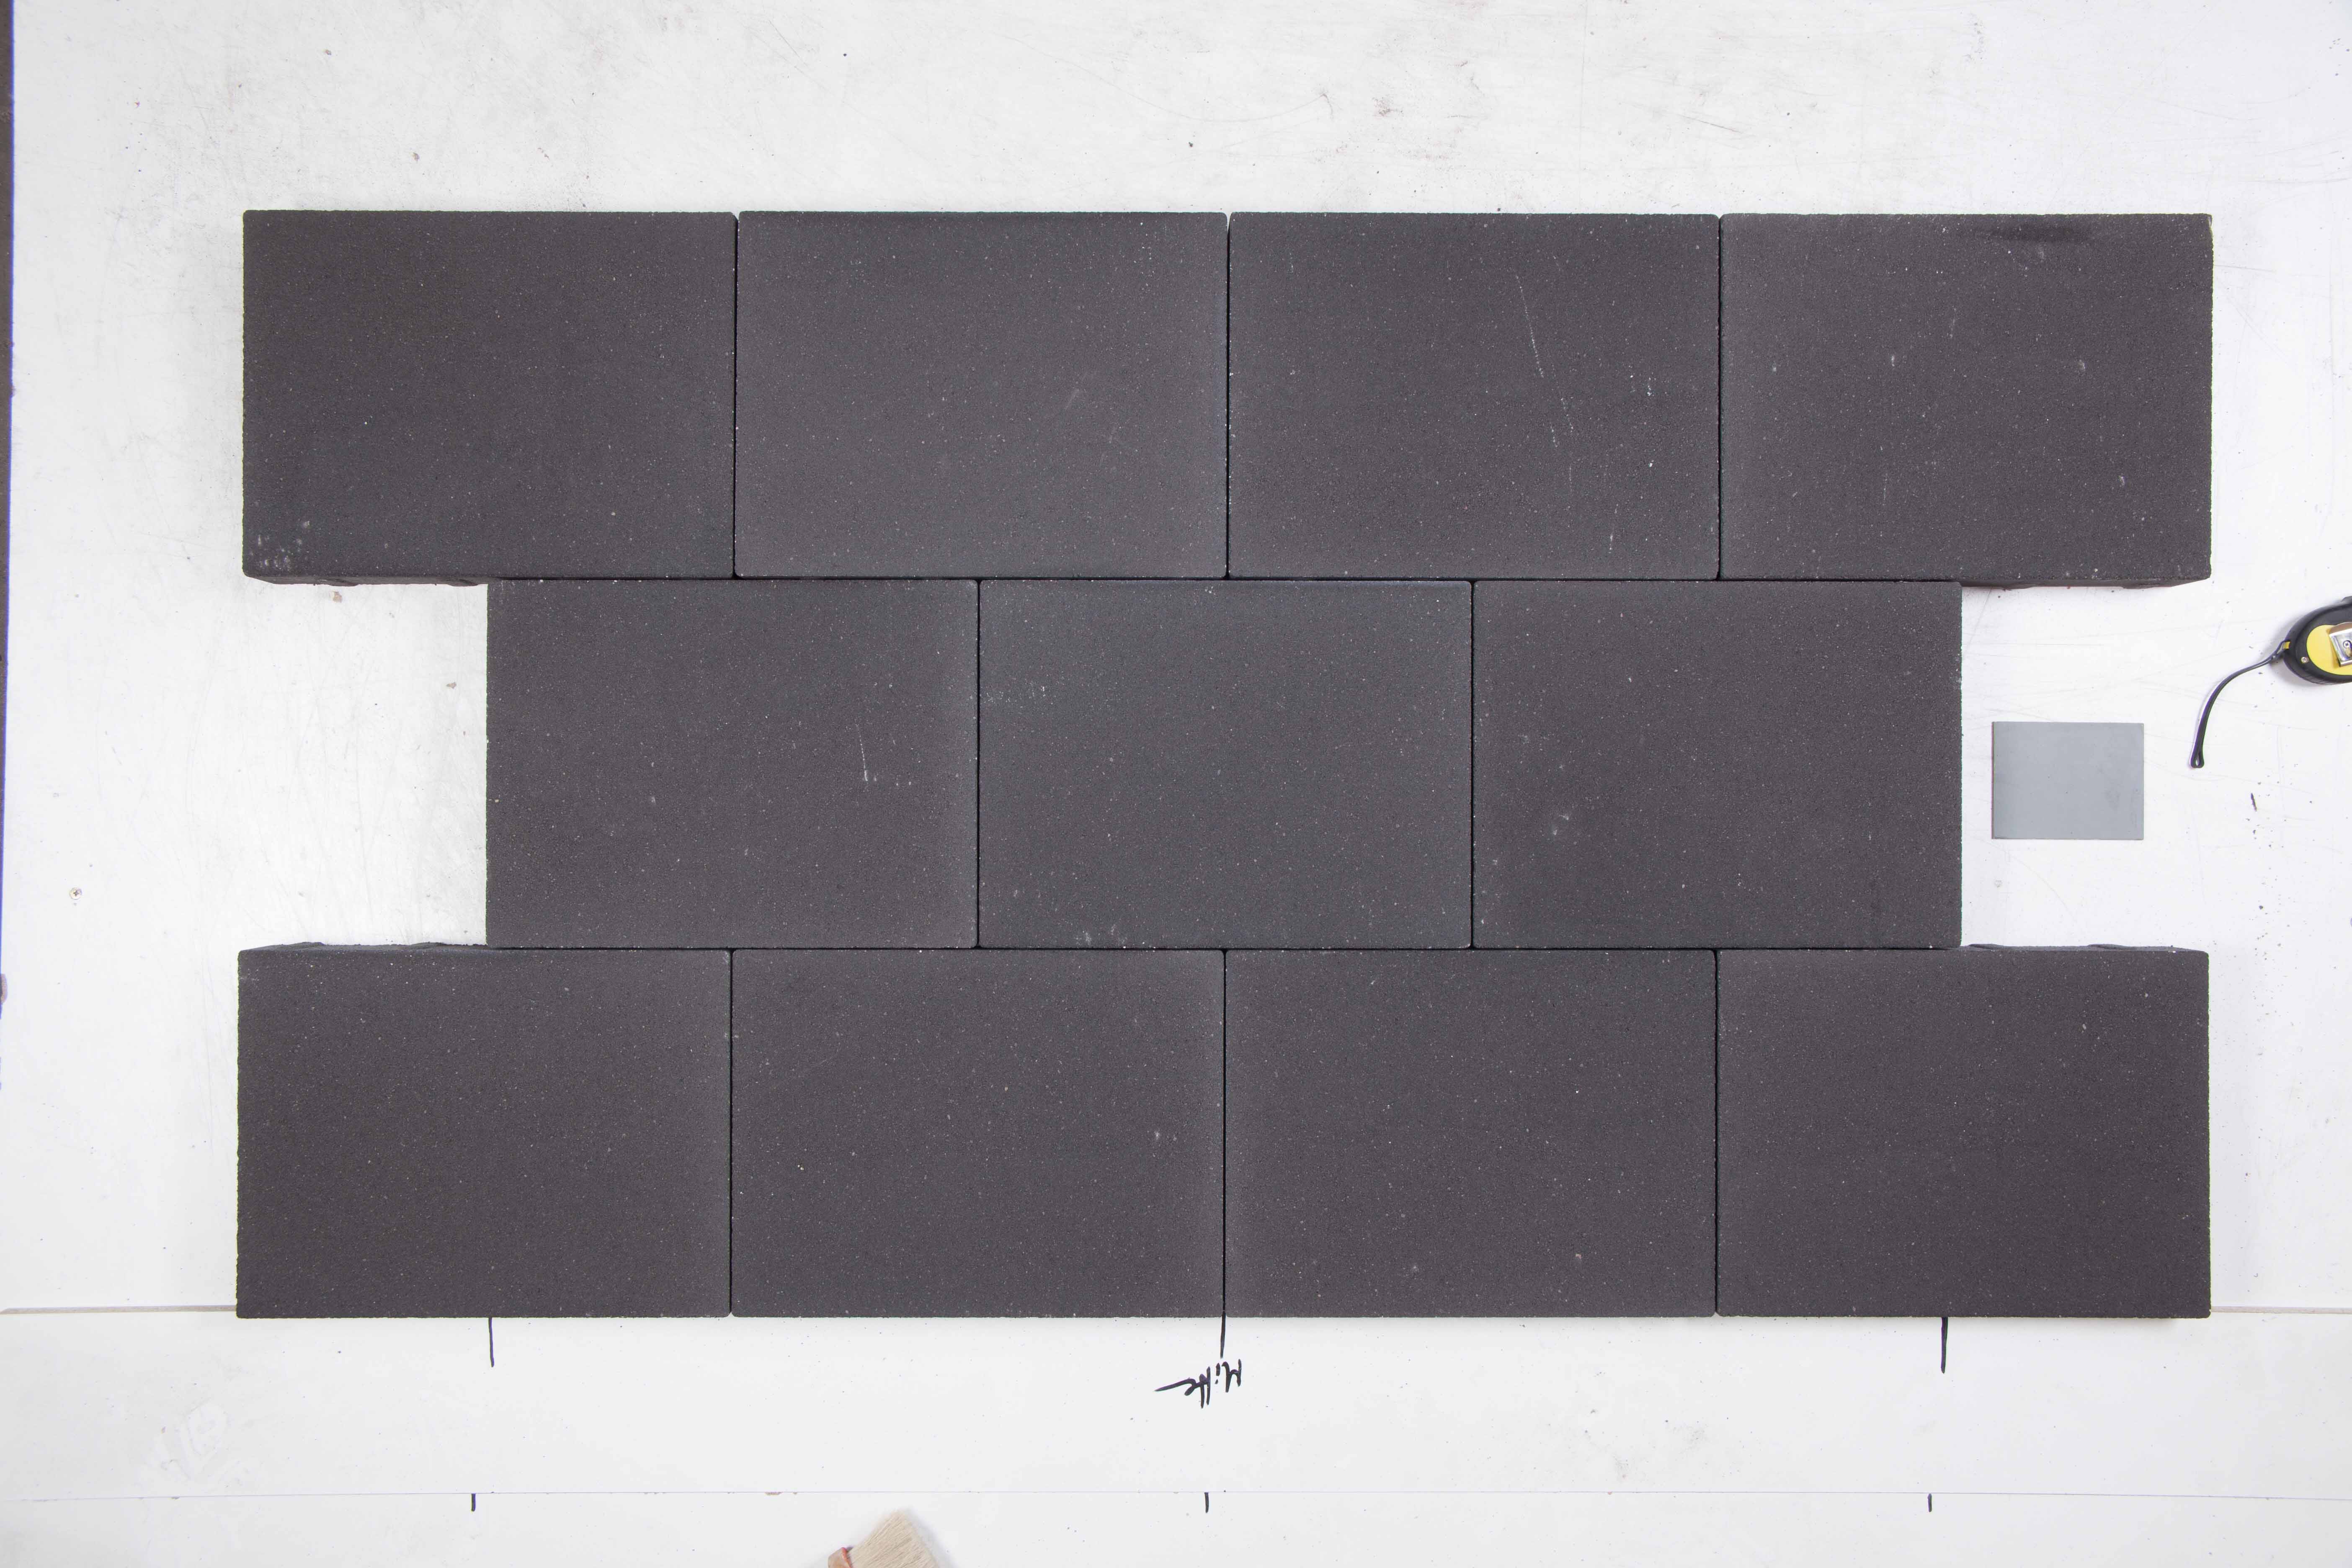 Redsun | Demiton Extra XS 20x30x5 | Coal